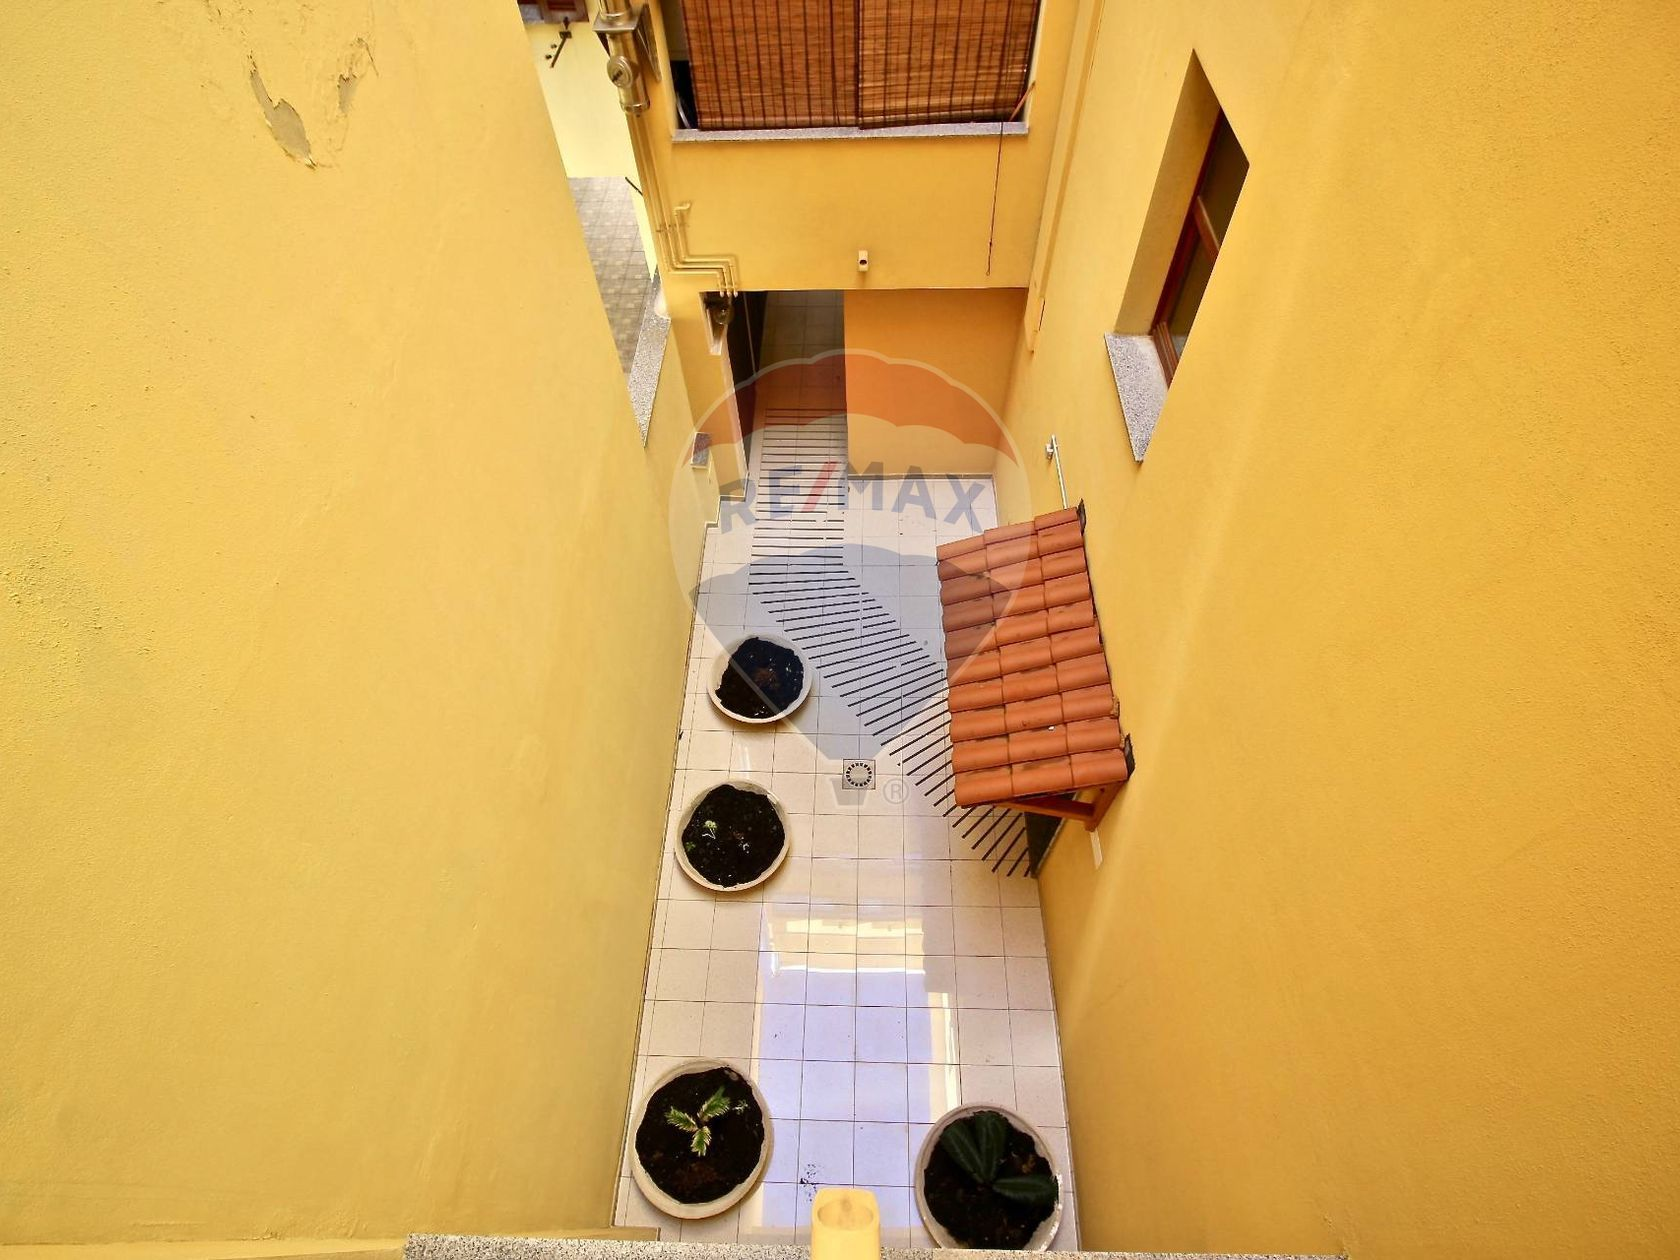 Appartamento Ss-sassari 2, Sassari, SS Vendita - Foto 21